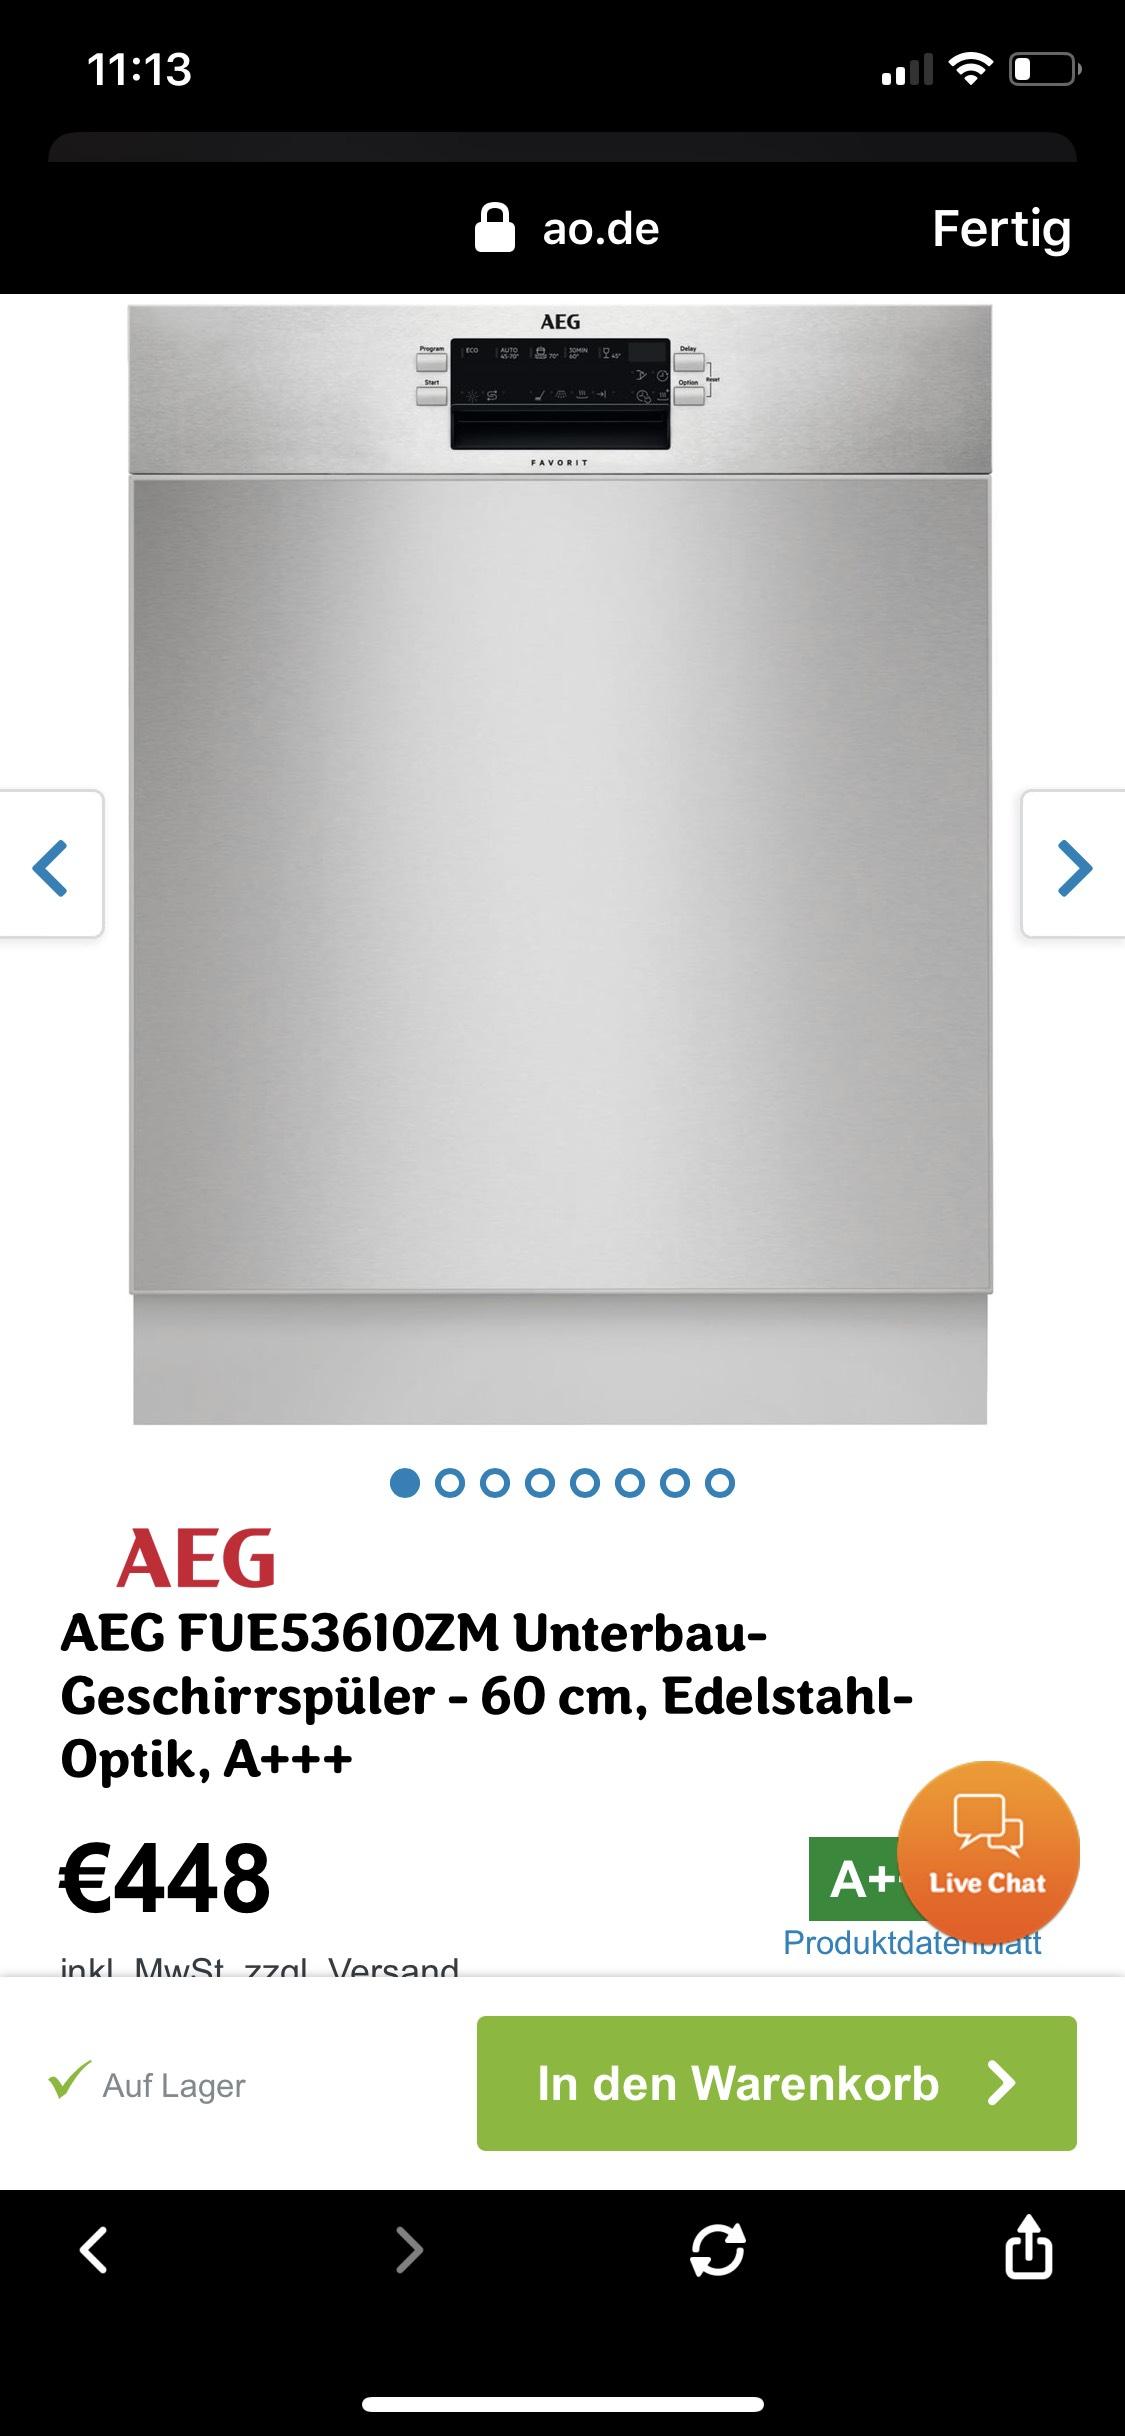 AEG Einbaugeschirrspüler FUE53610ZM